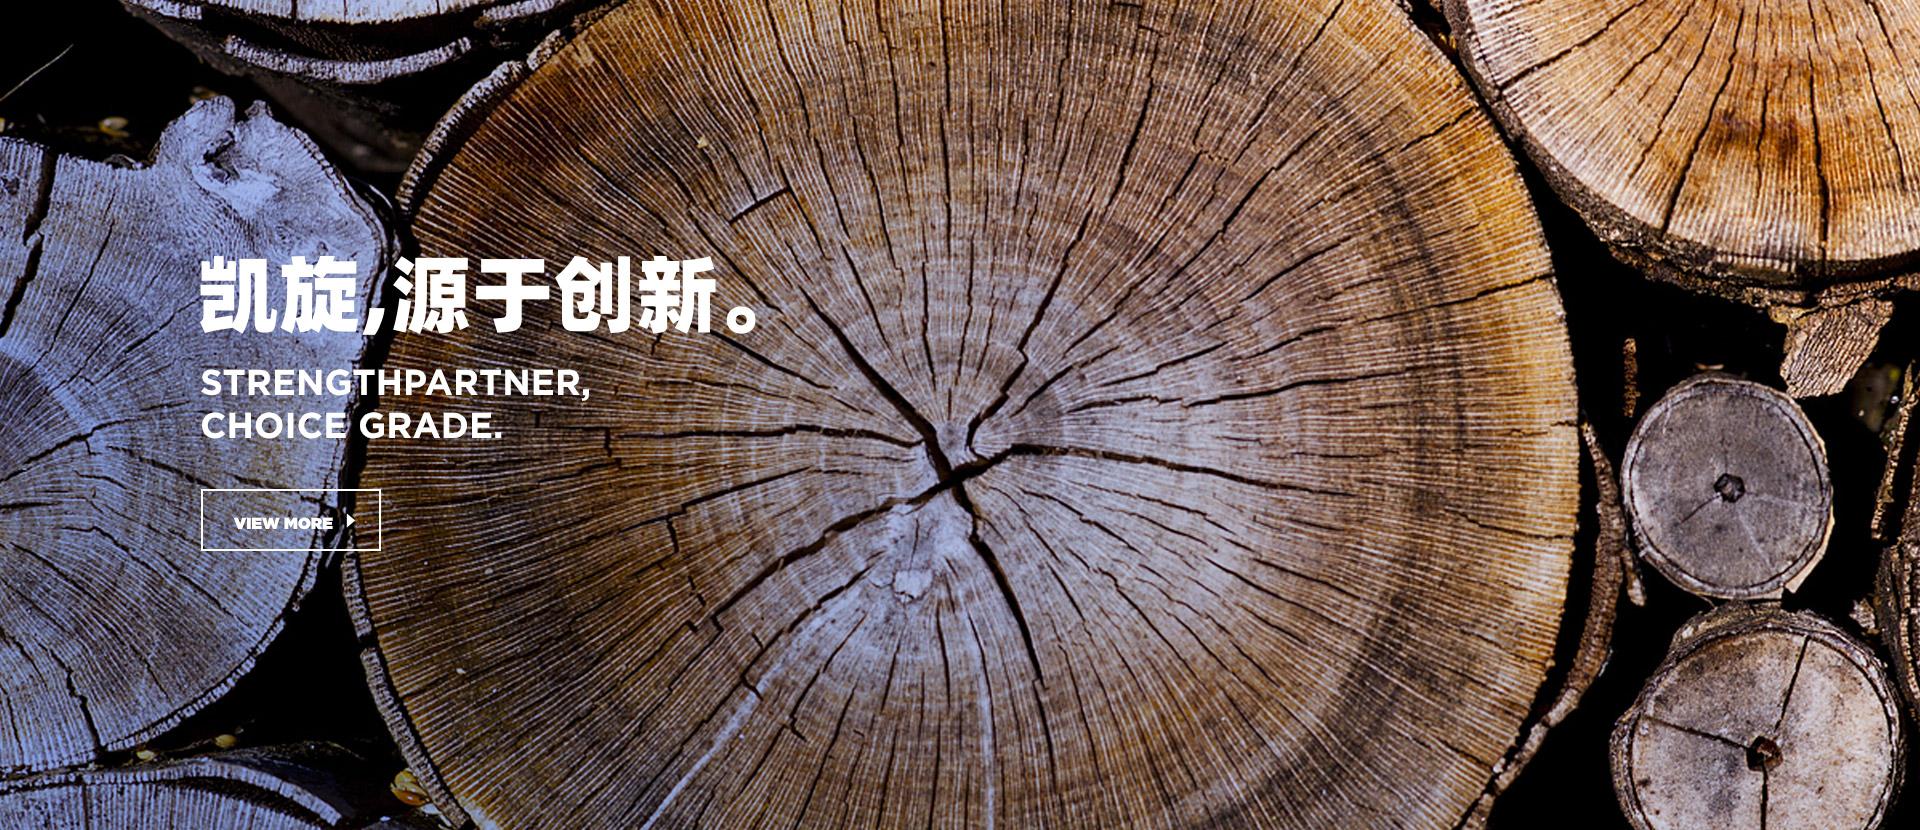 重组木,染色木皮,科技木厂家,科技木,家具皮,科技木皮,装饰木皮